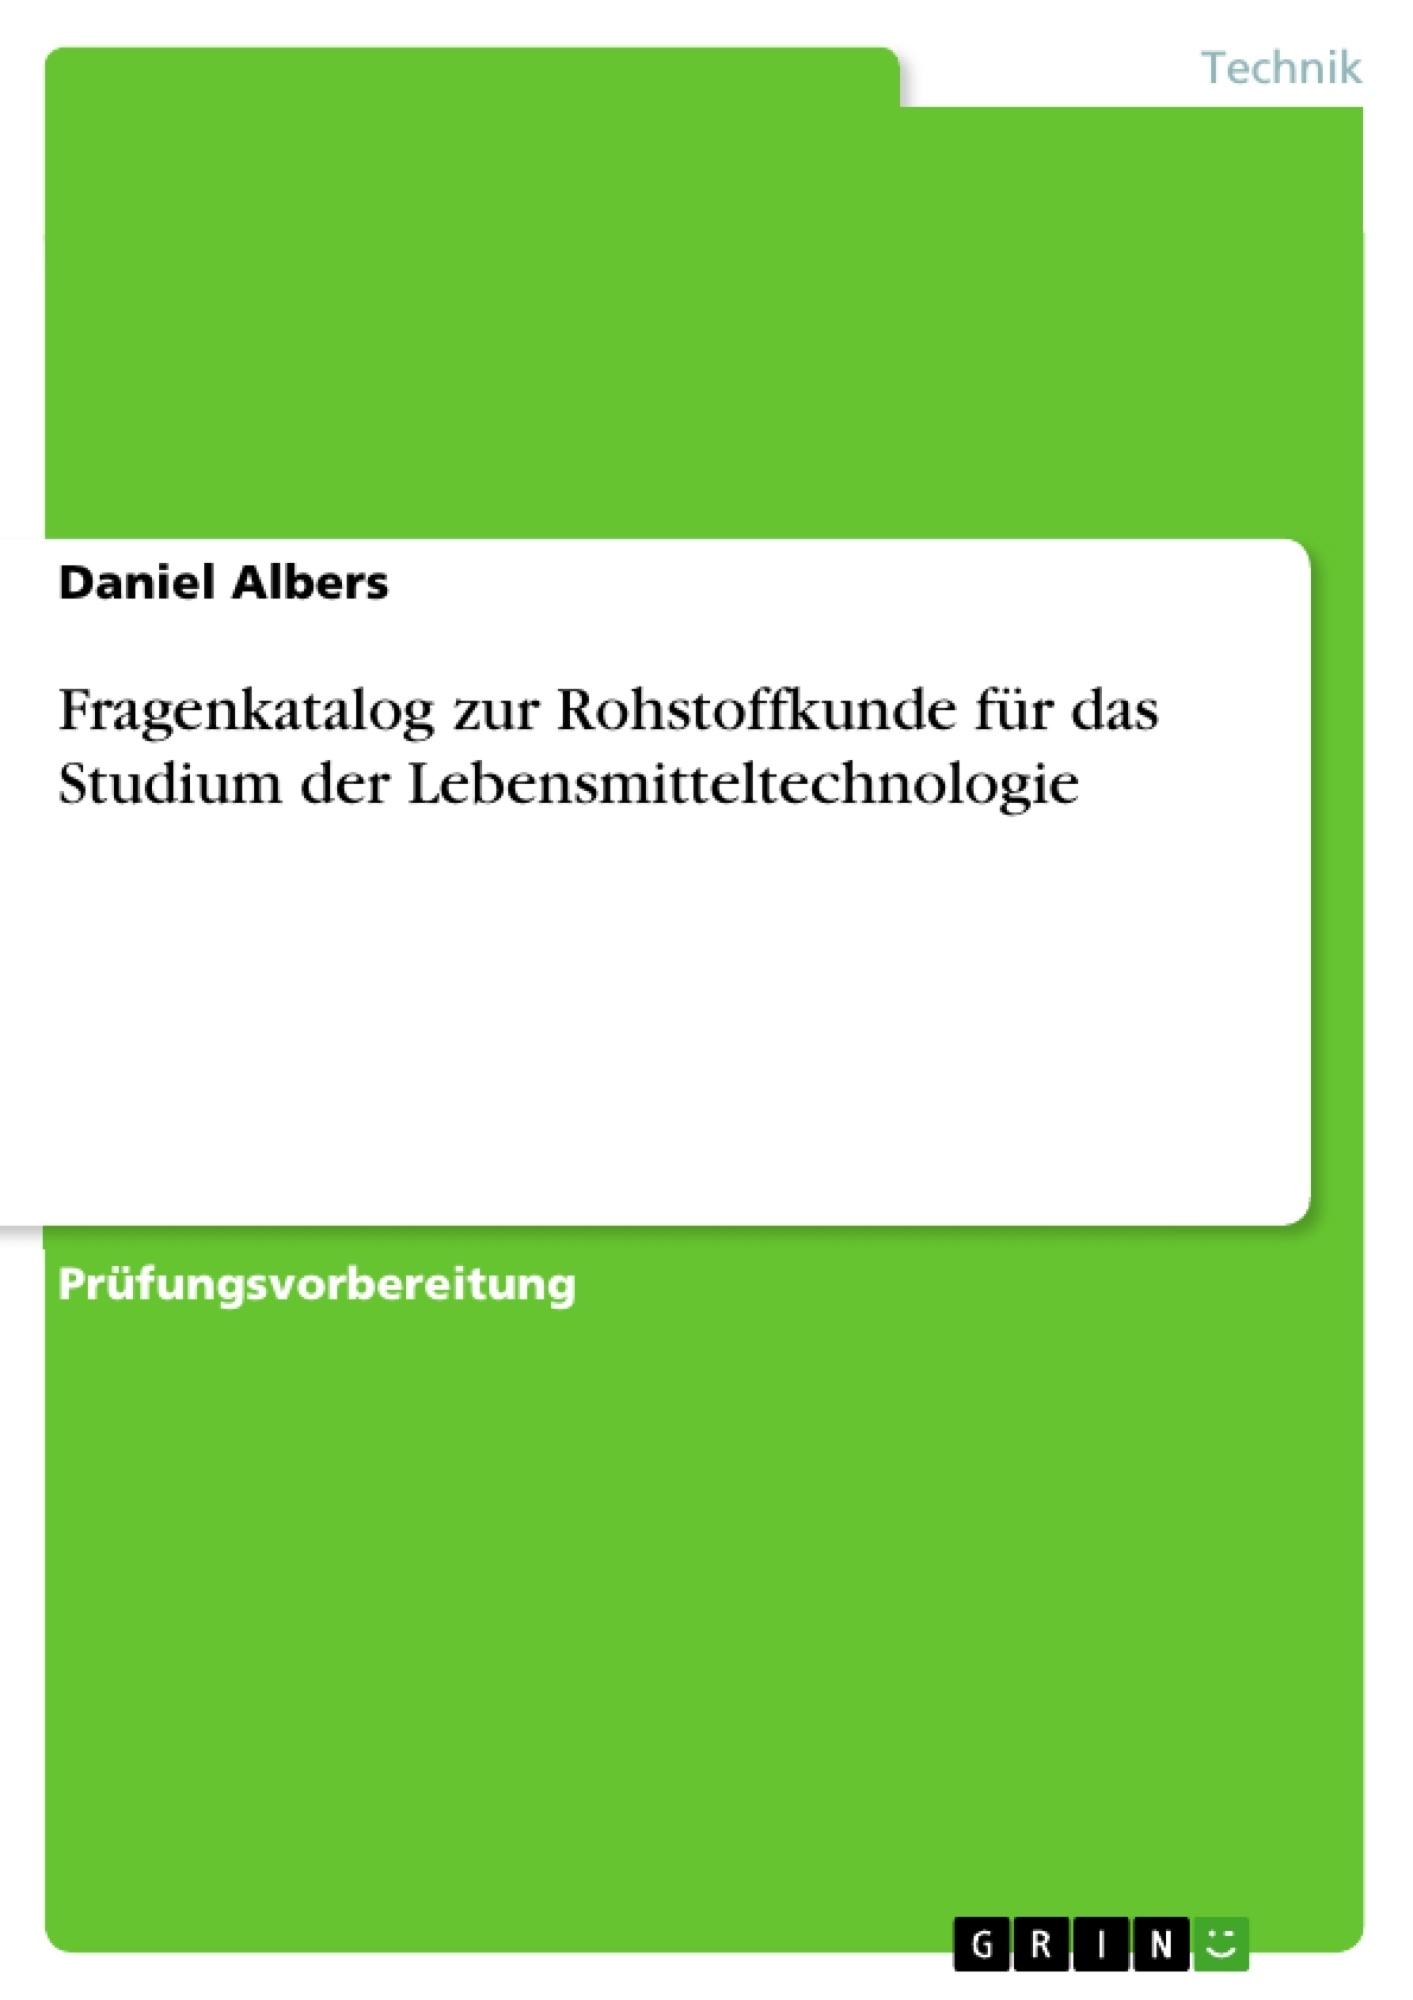 Titel: Fragenkatalog zur Rohstoffkunde für das Studium der Lebensmitteltechnologie